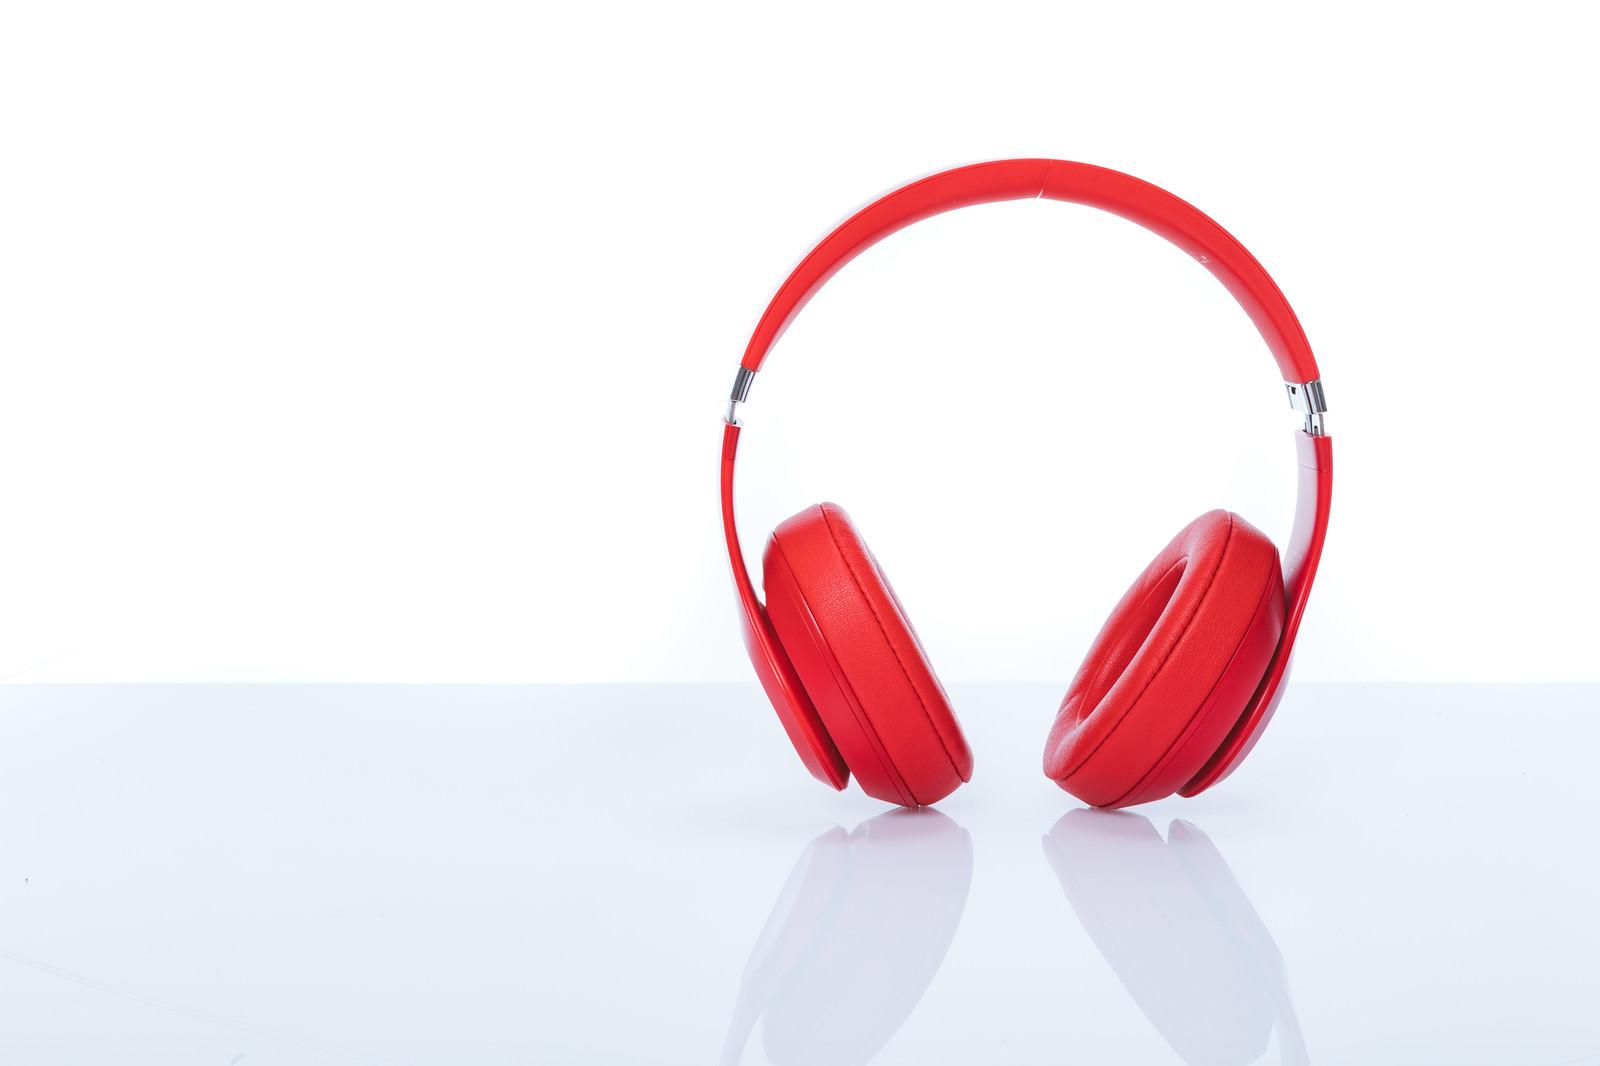 「赤いワイヤレスヘッドフォン赤いワイヤレスヘッドフォン」のフリー写真素材を拡大